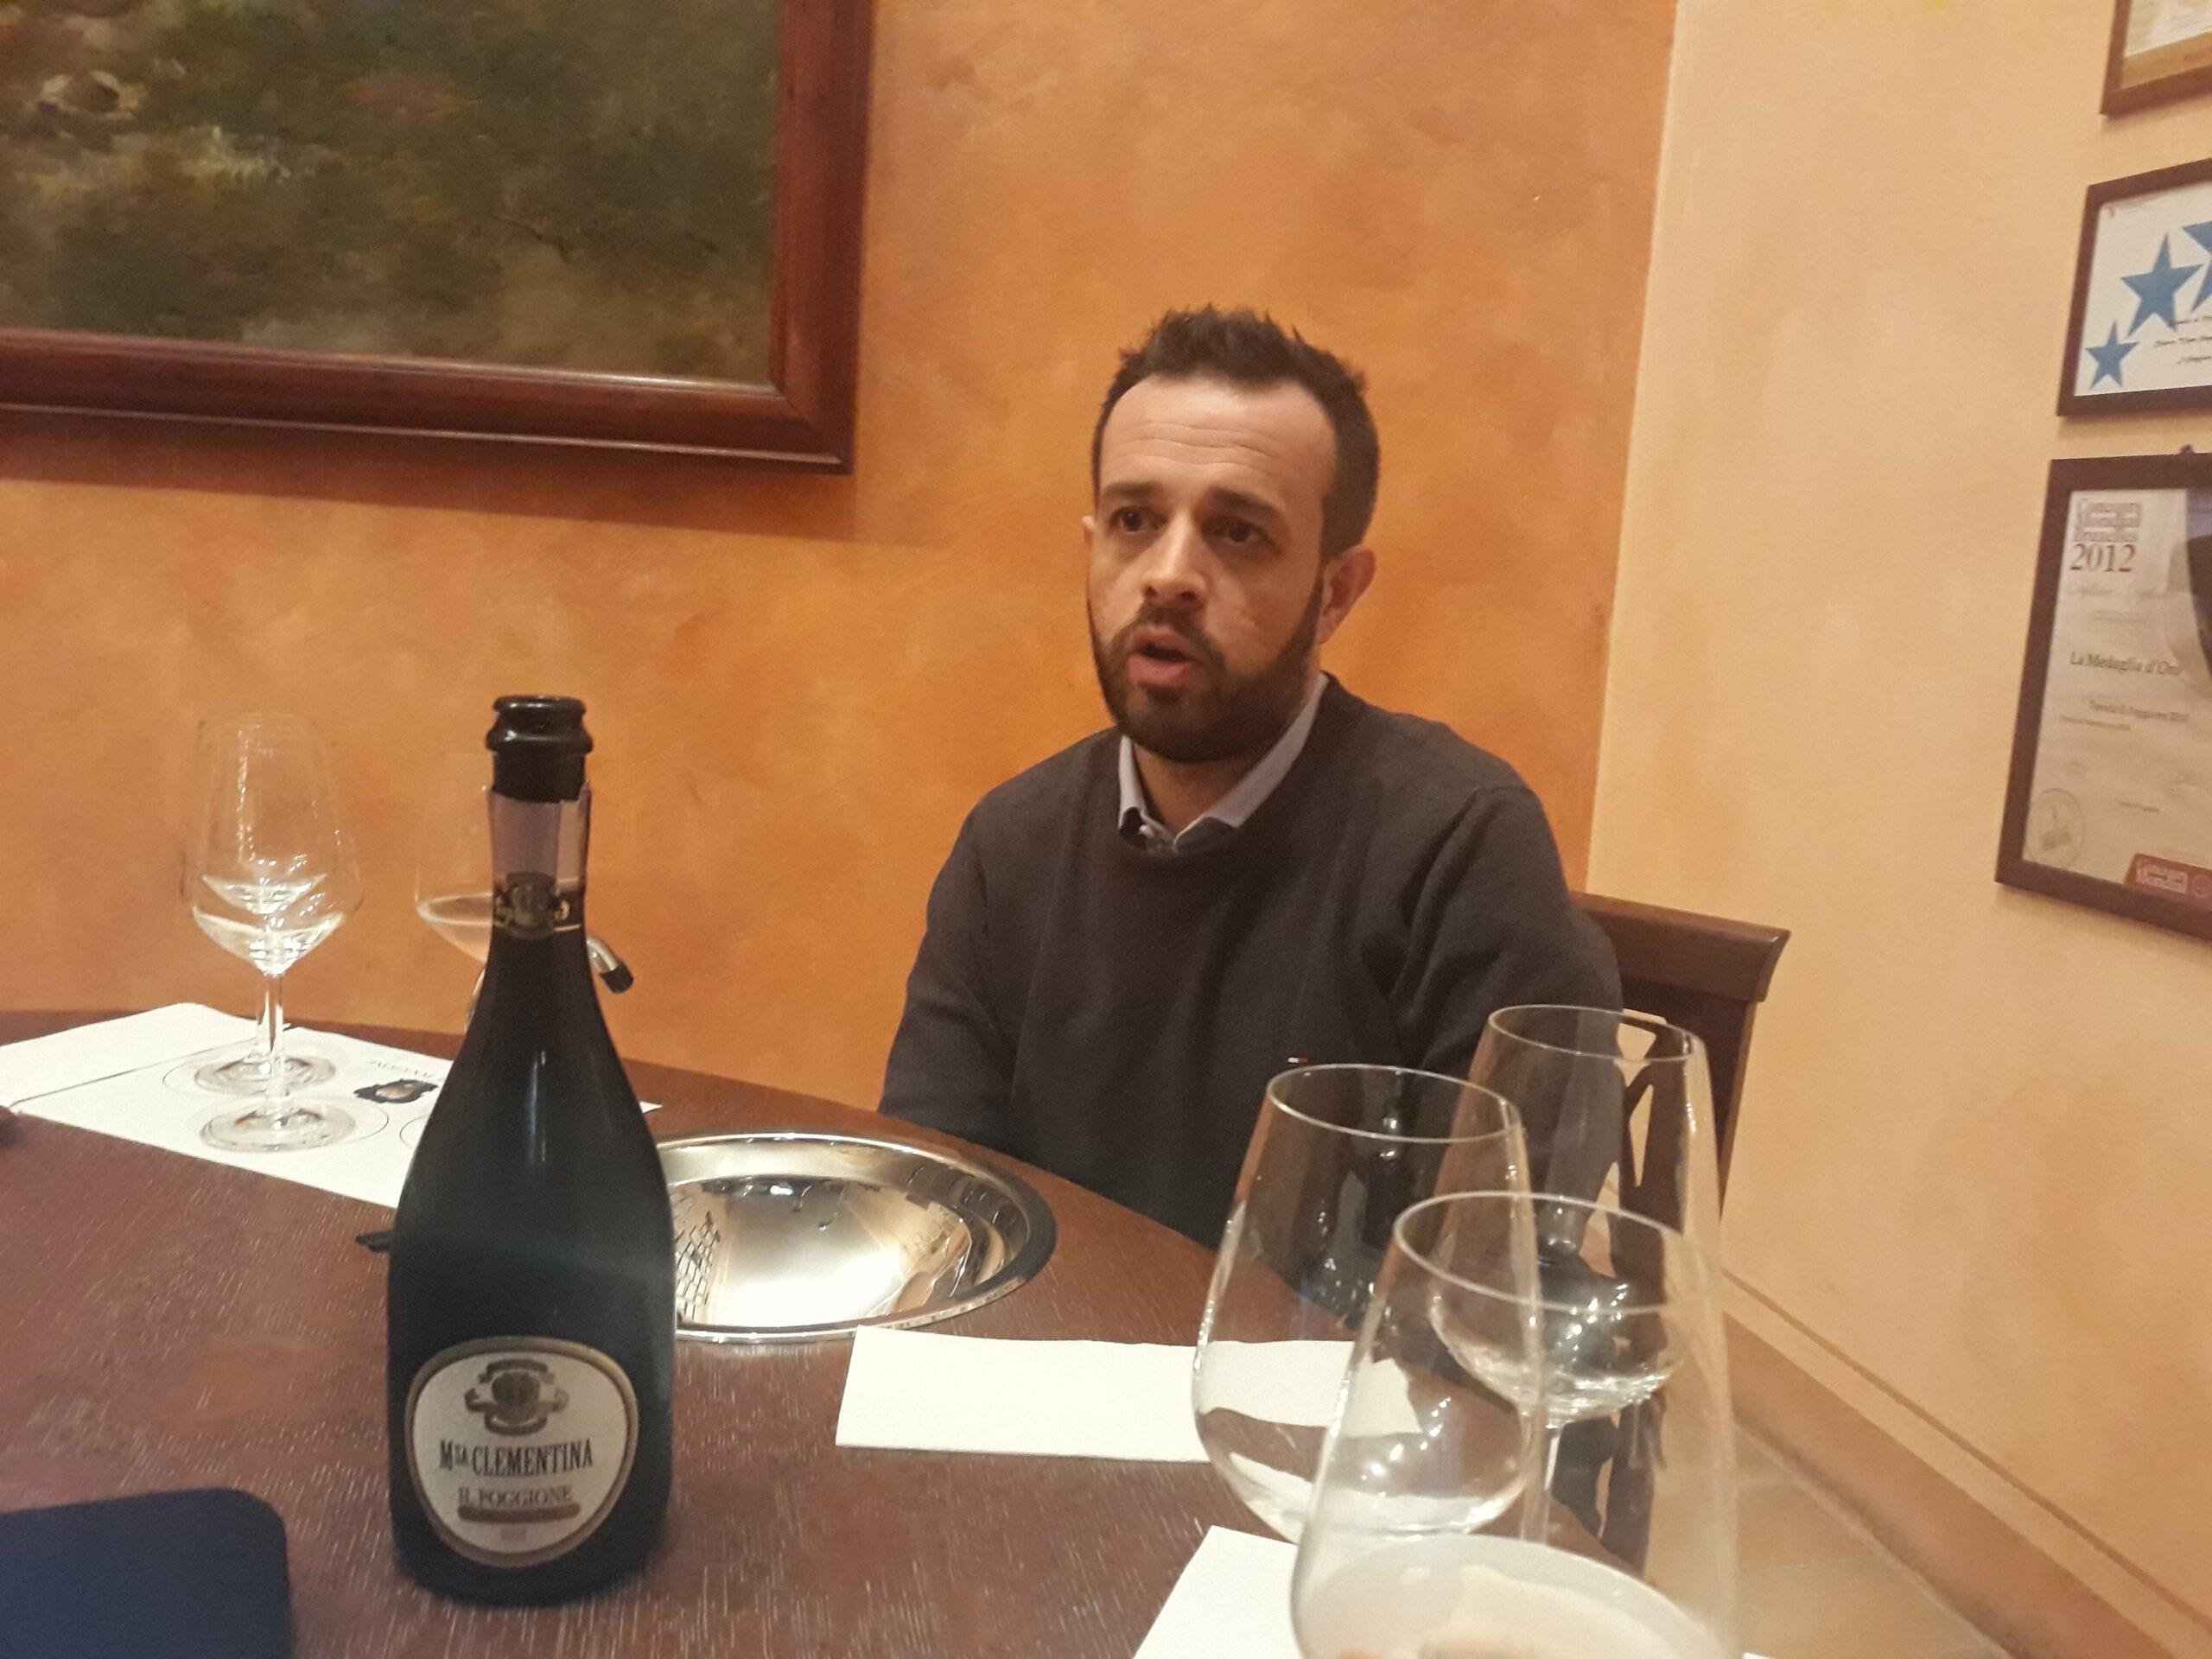 Alessandro-Bindocci-of-Il-Poggione-who-amde-just-an-outstandingRosso-2018-min-scaled-1-3-1